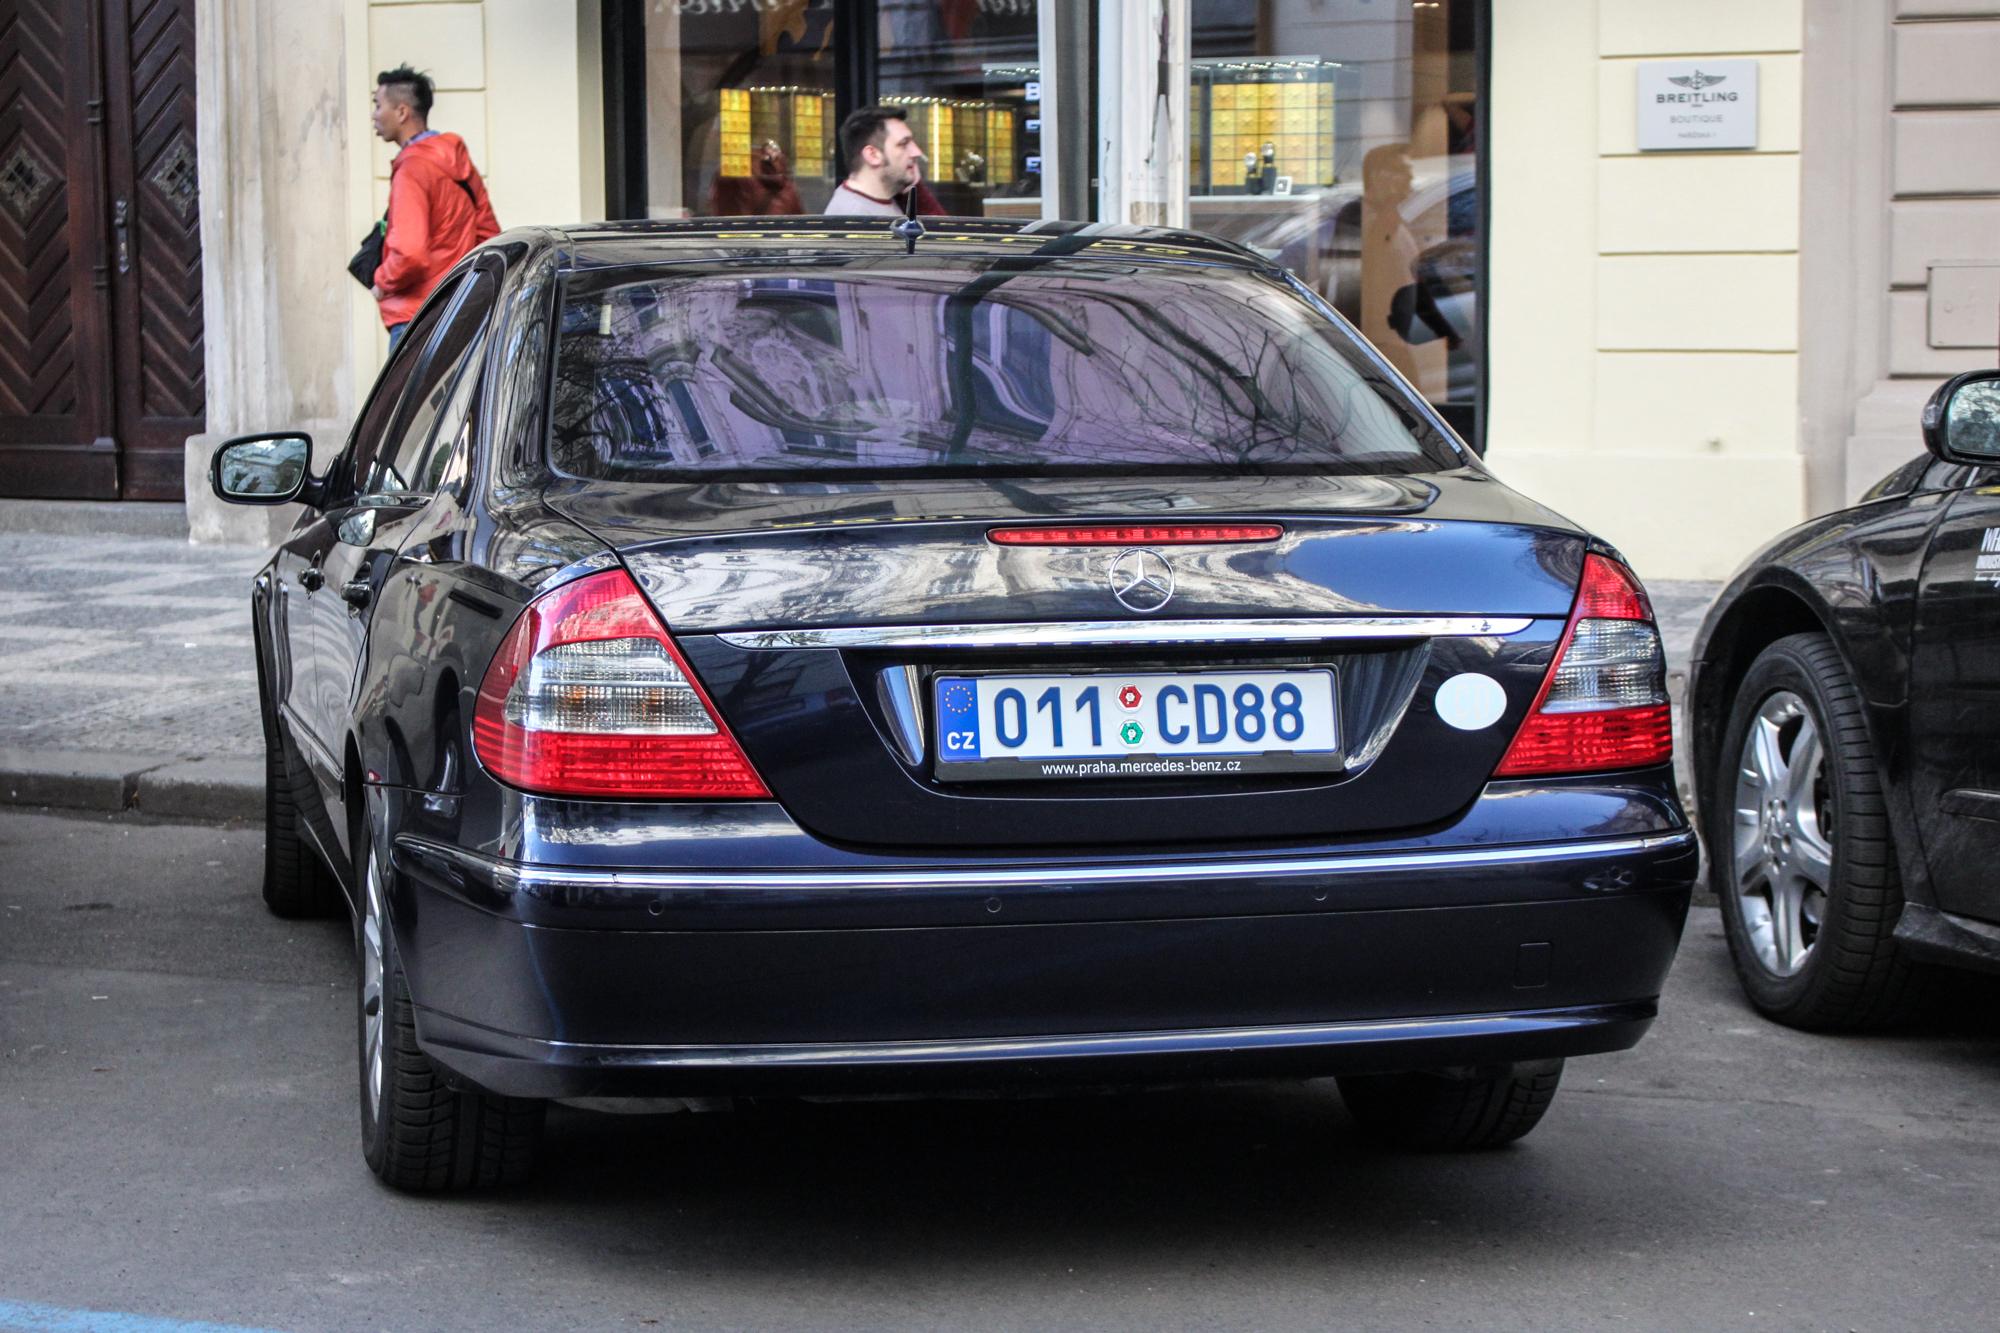 Голубые зарубежные номера на машине